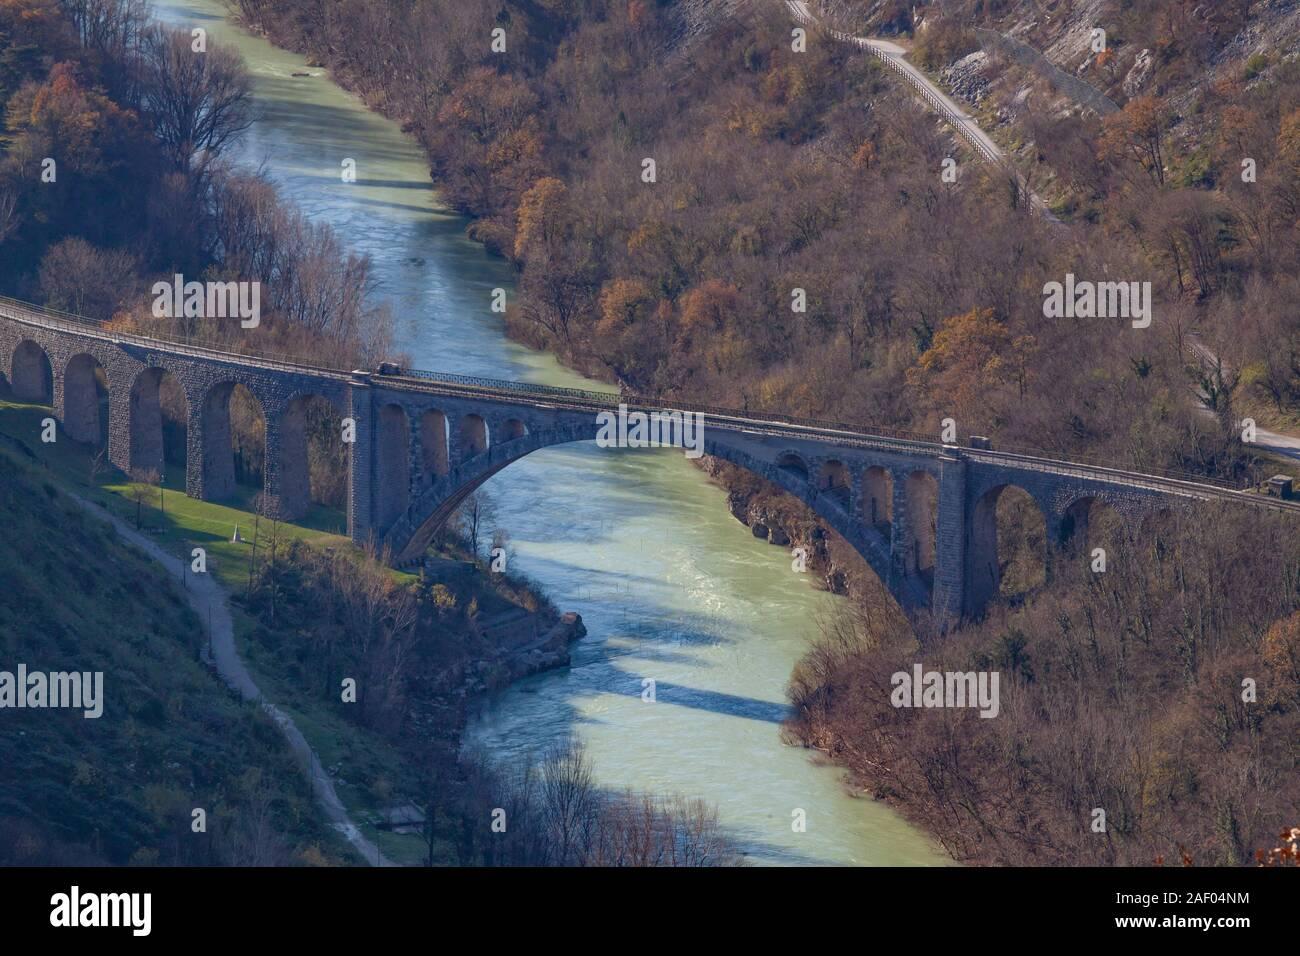 Le célèbre pont de Solkan avec la plus grande arche de pierre dans le monde Banque D'Images